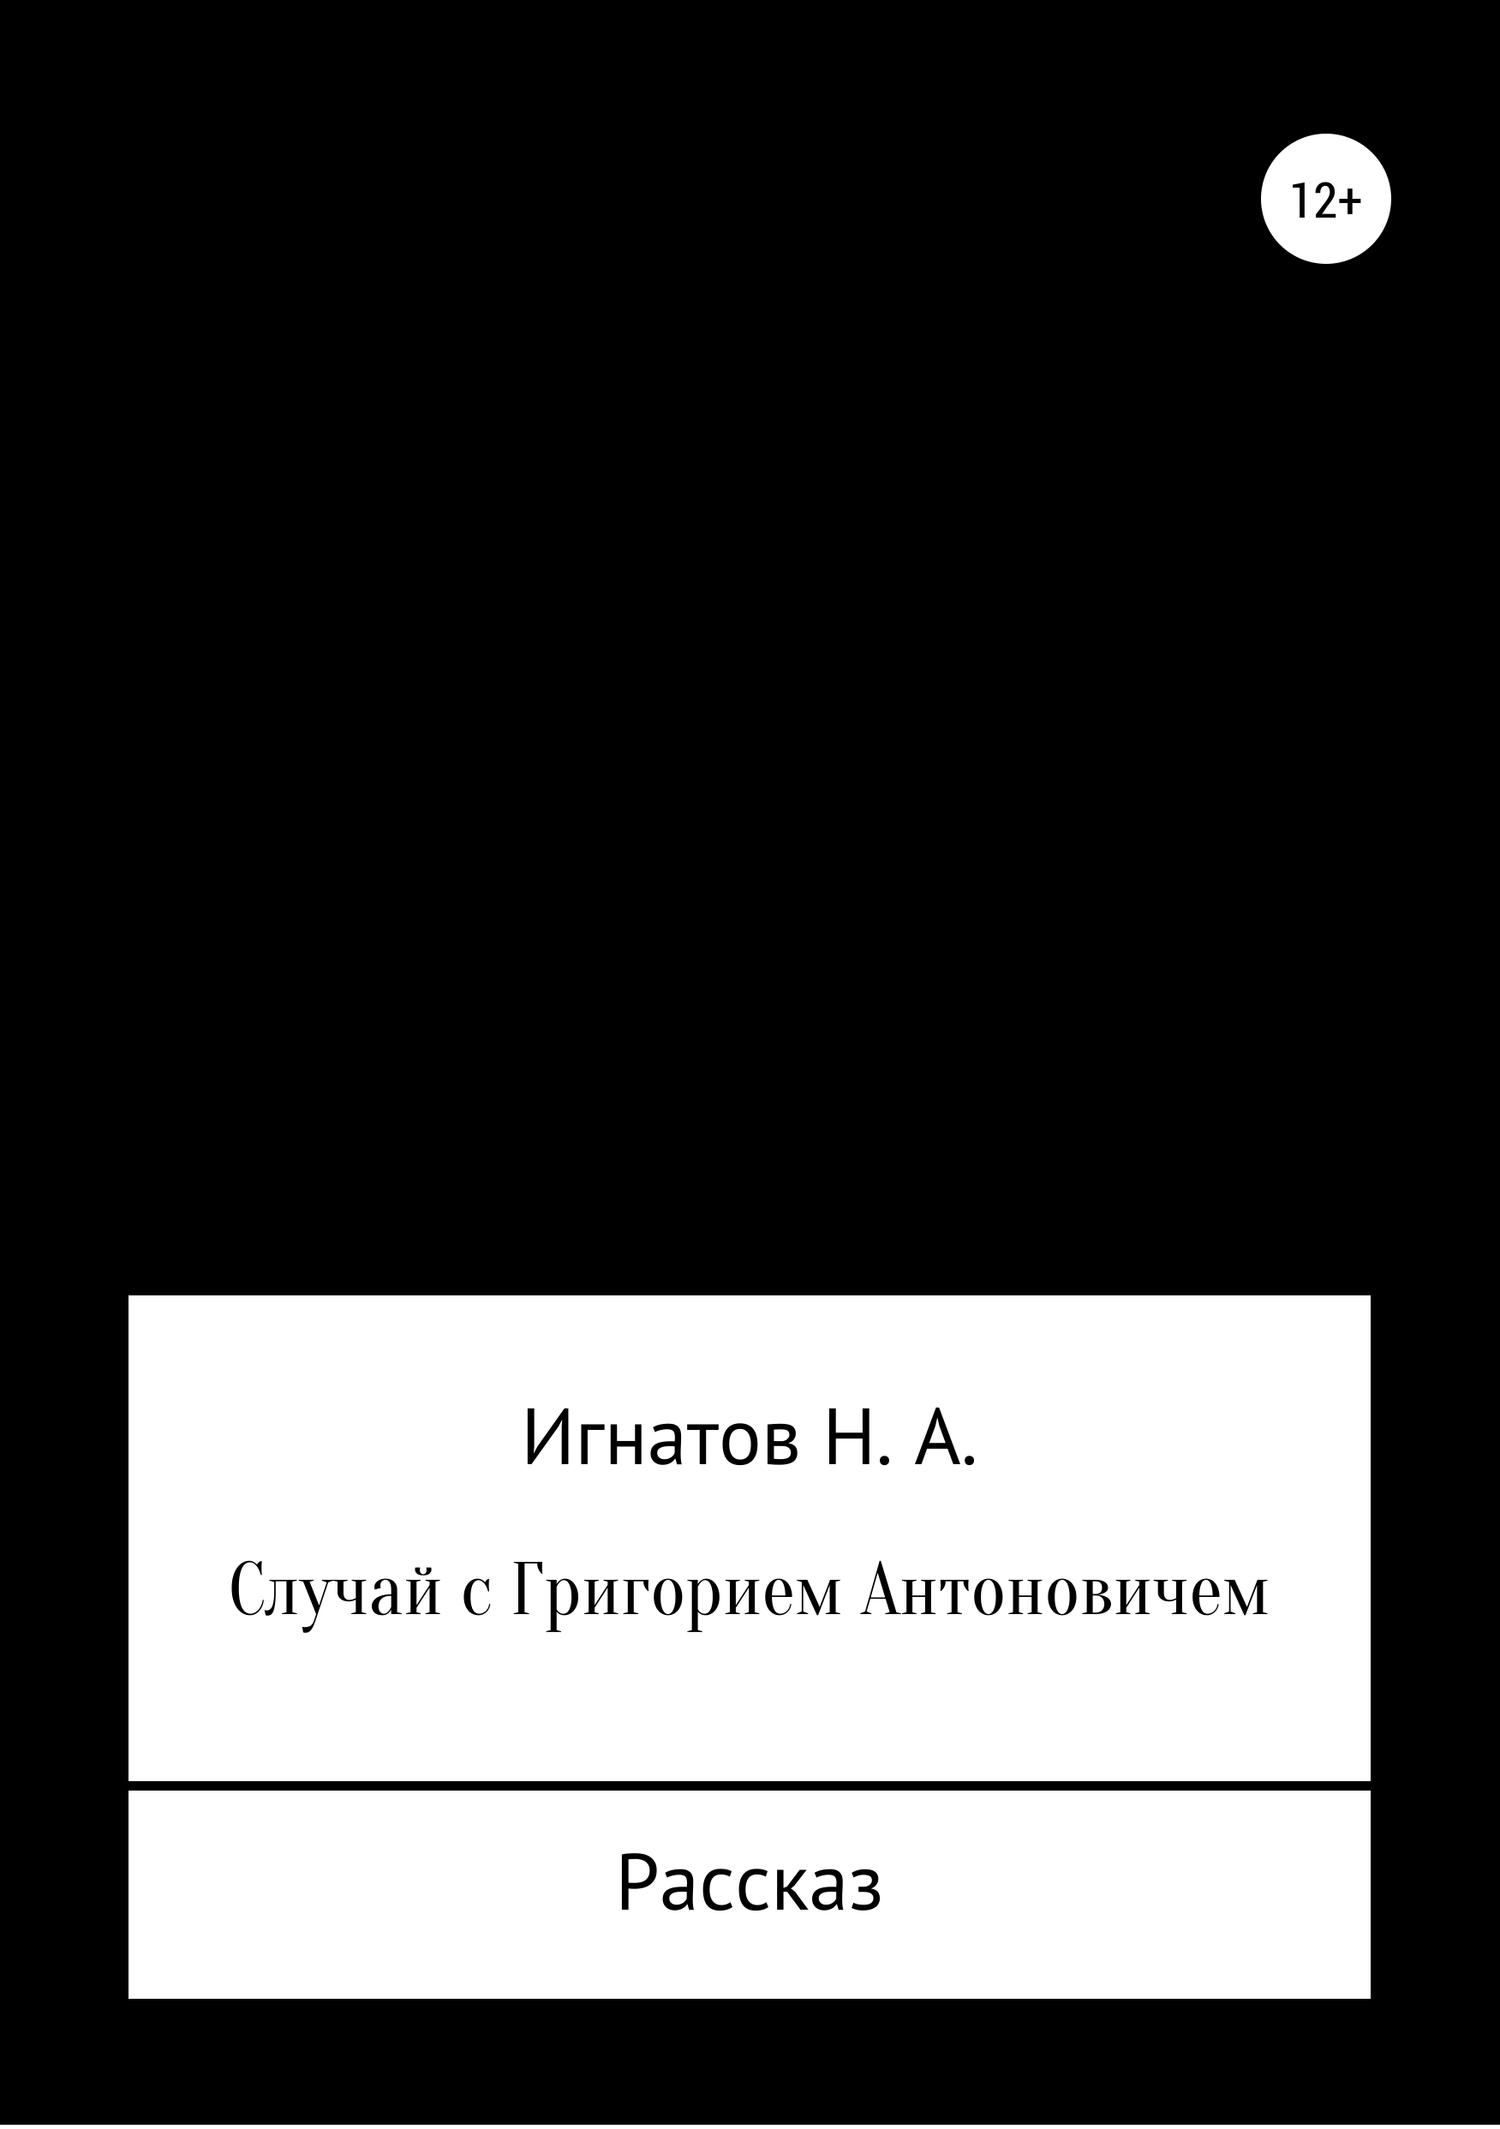 Случай с Григорием Антоновичем